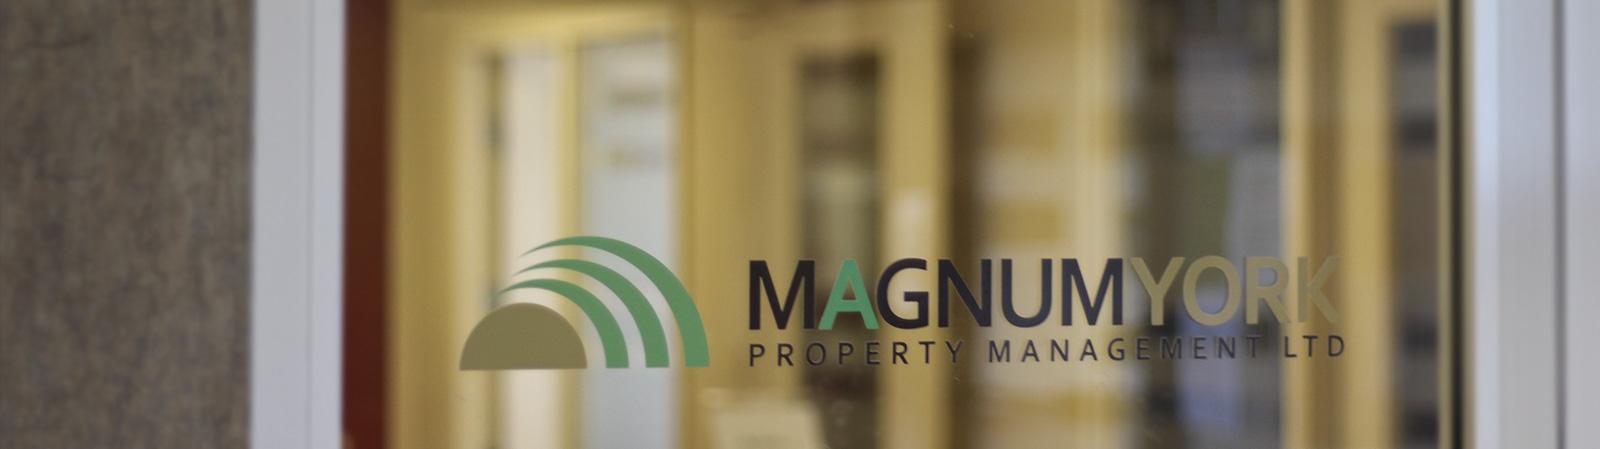 new coo blog post dean dunbar magnum office hire employee